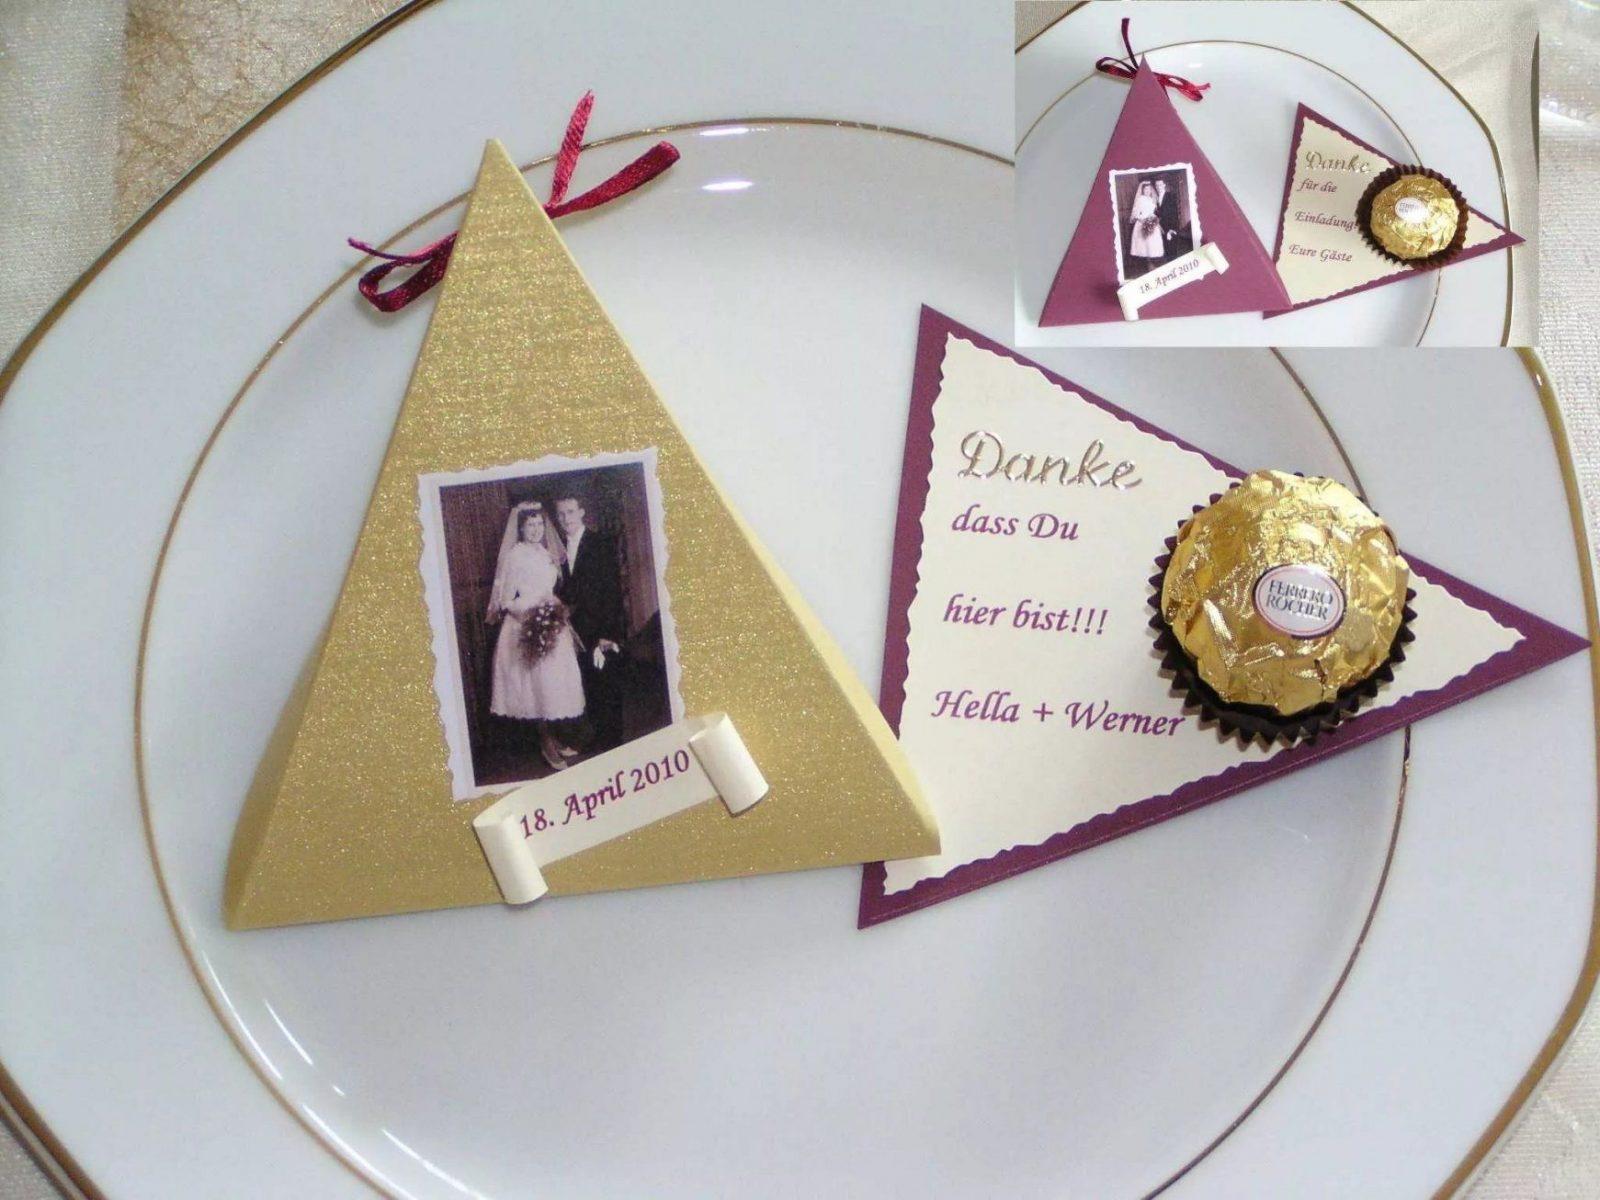 Einladung Fur Goldene Hochzeit Goldene Hochzeit Karten Gestalten von Tischdeko Für Goldene Hochzeit Bild